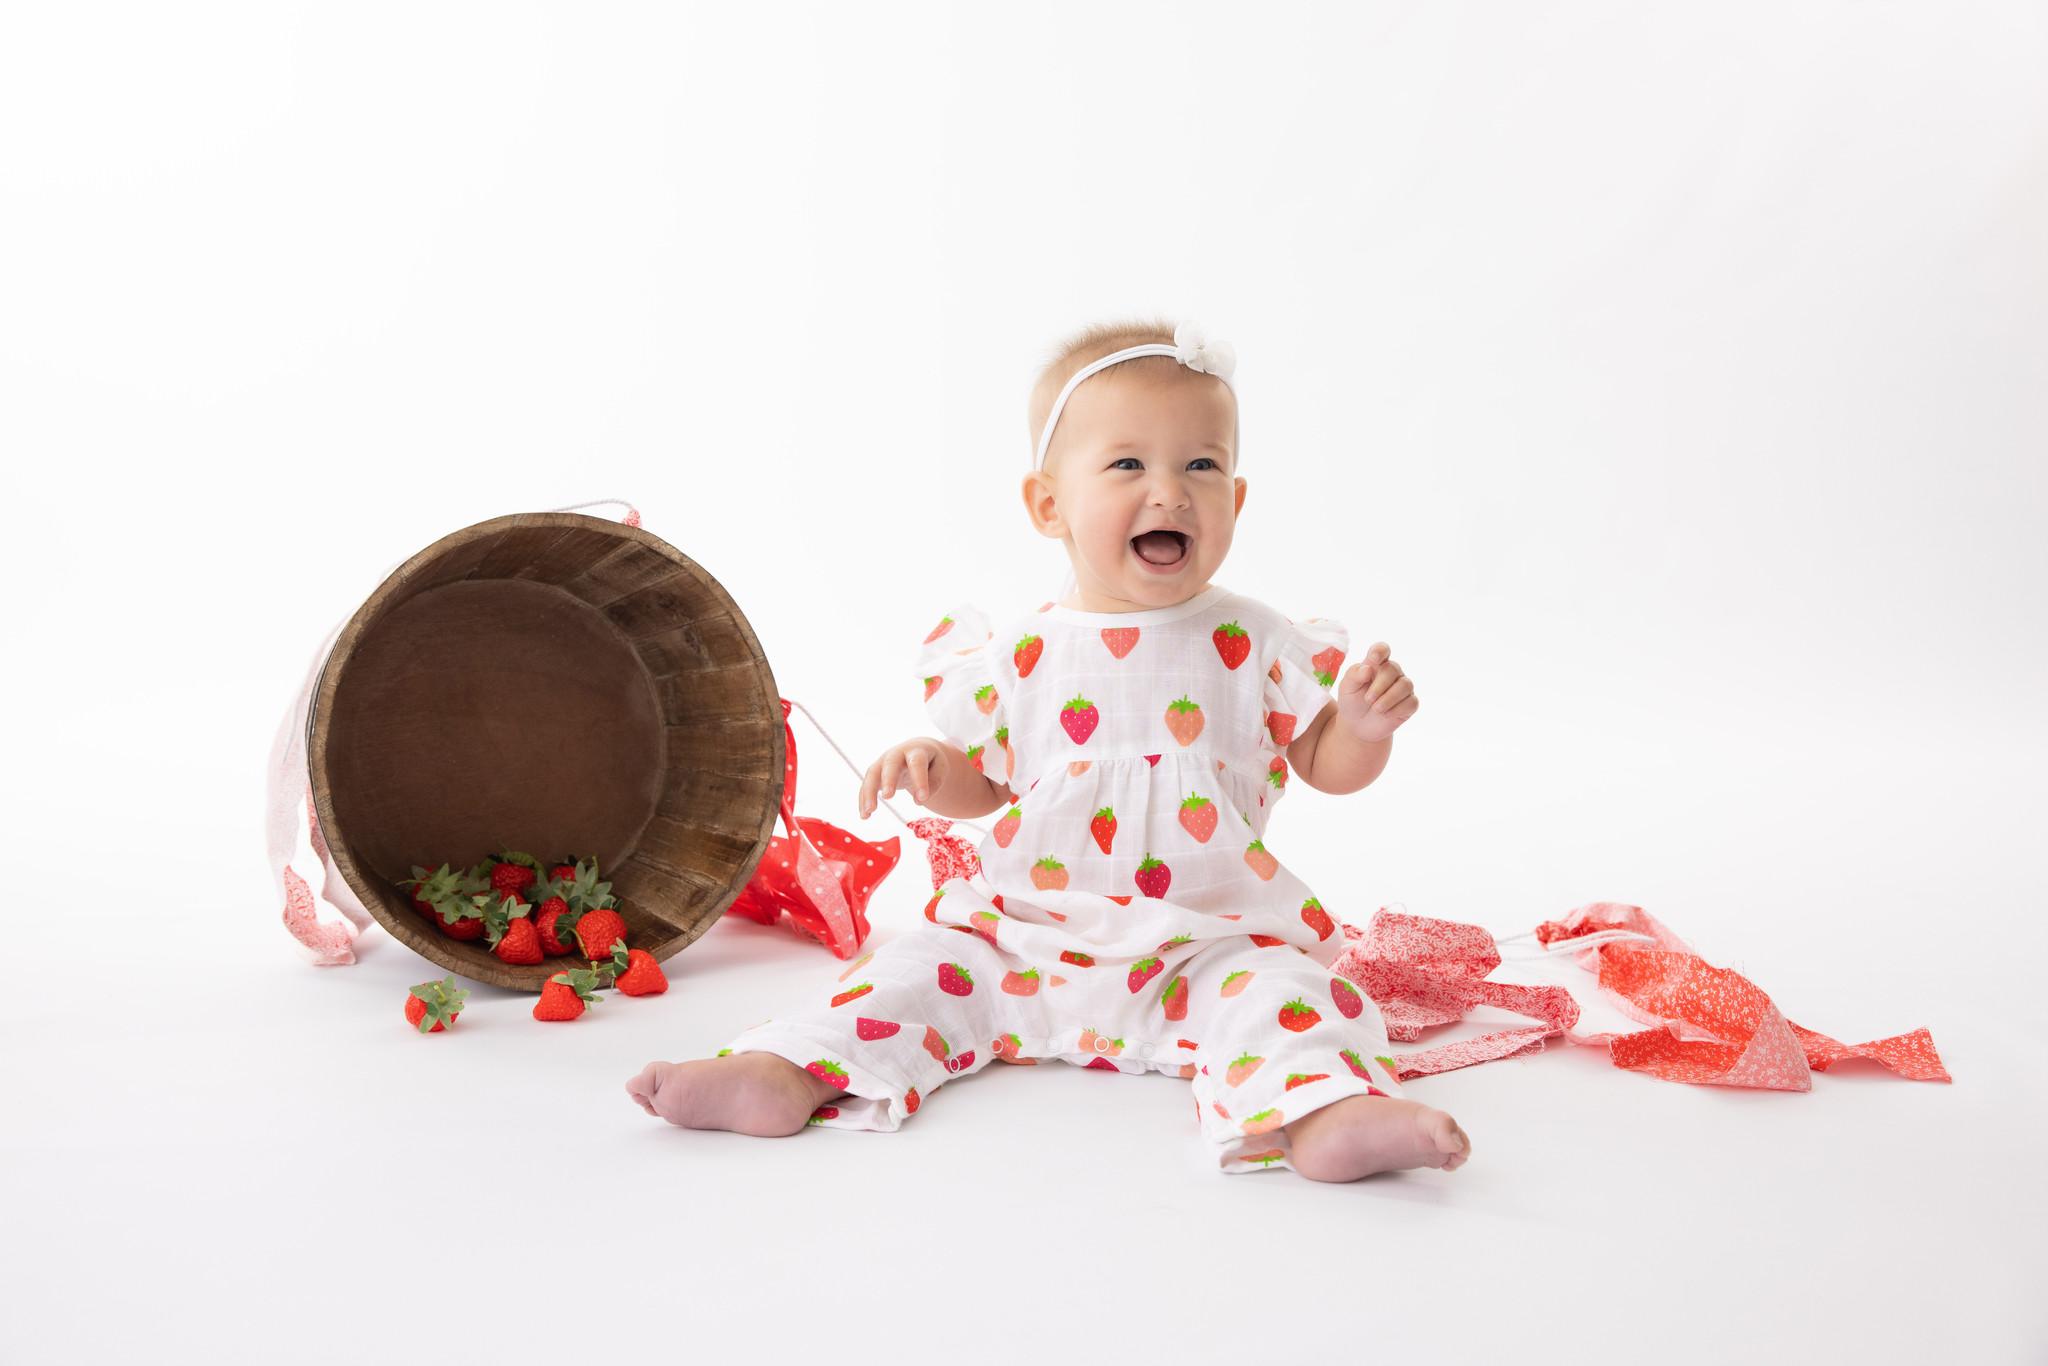 Nola Tawk Organic Muslin Ruffle Romper - Berry Nice